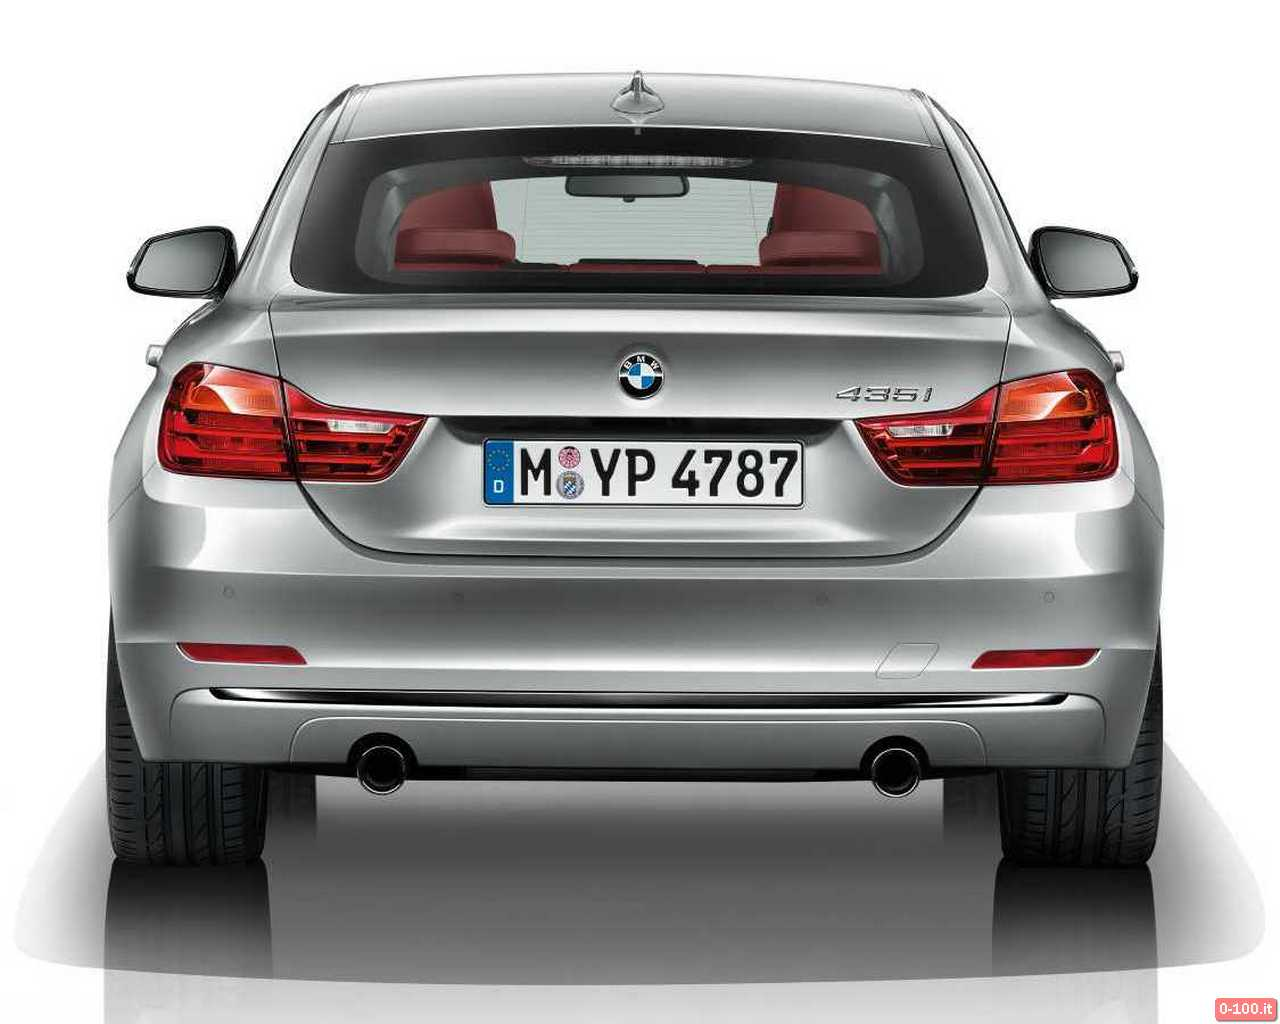 bmw-serie-4-gran-coupe-prezzo-price-ginevra-geneve-2014-0-100_107